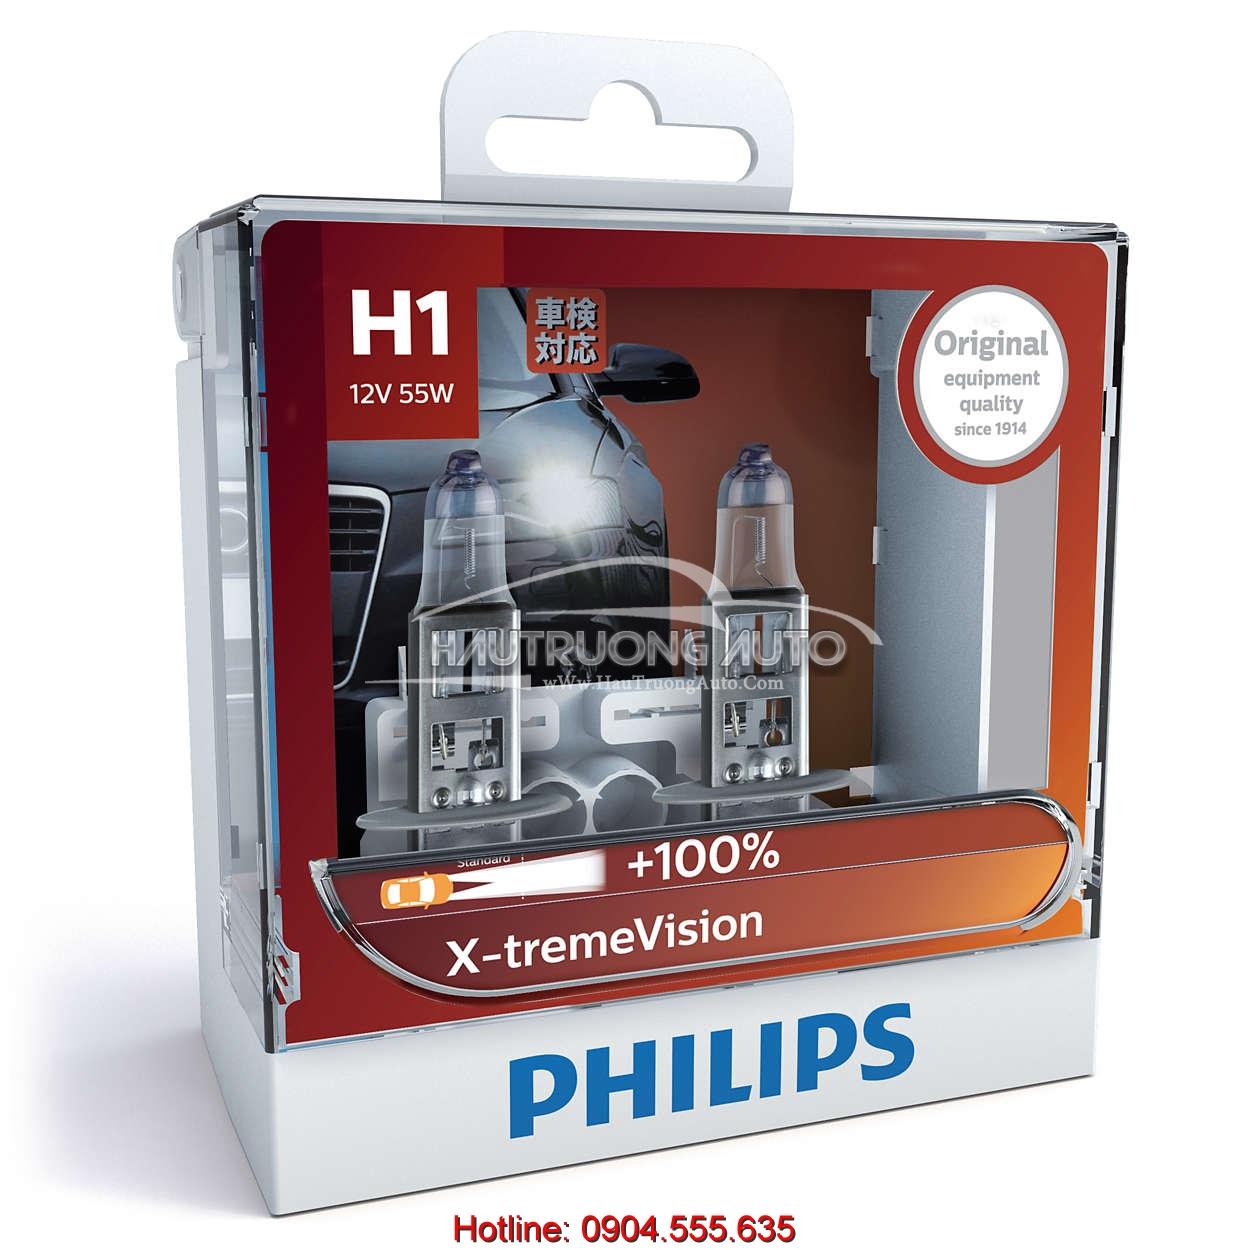 Bóng đèn tăng sáng 100% H1 Philips X-tremeVision